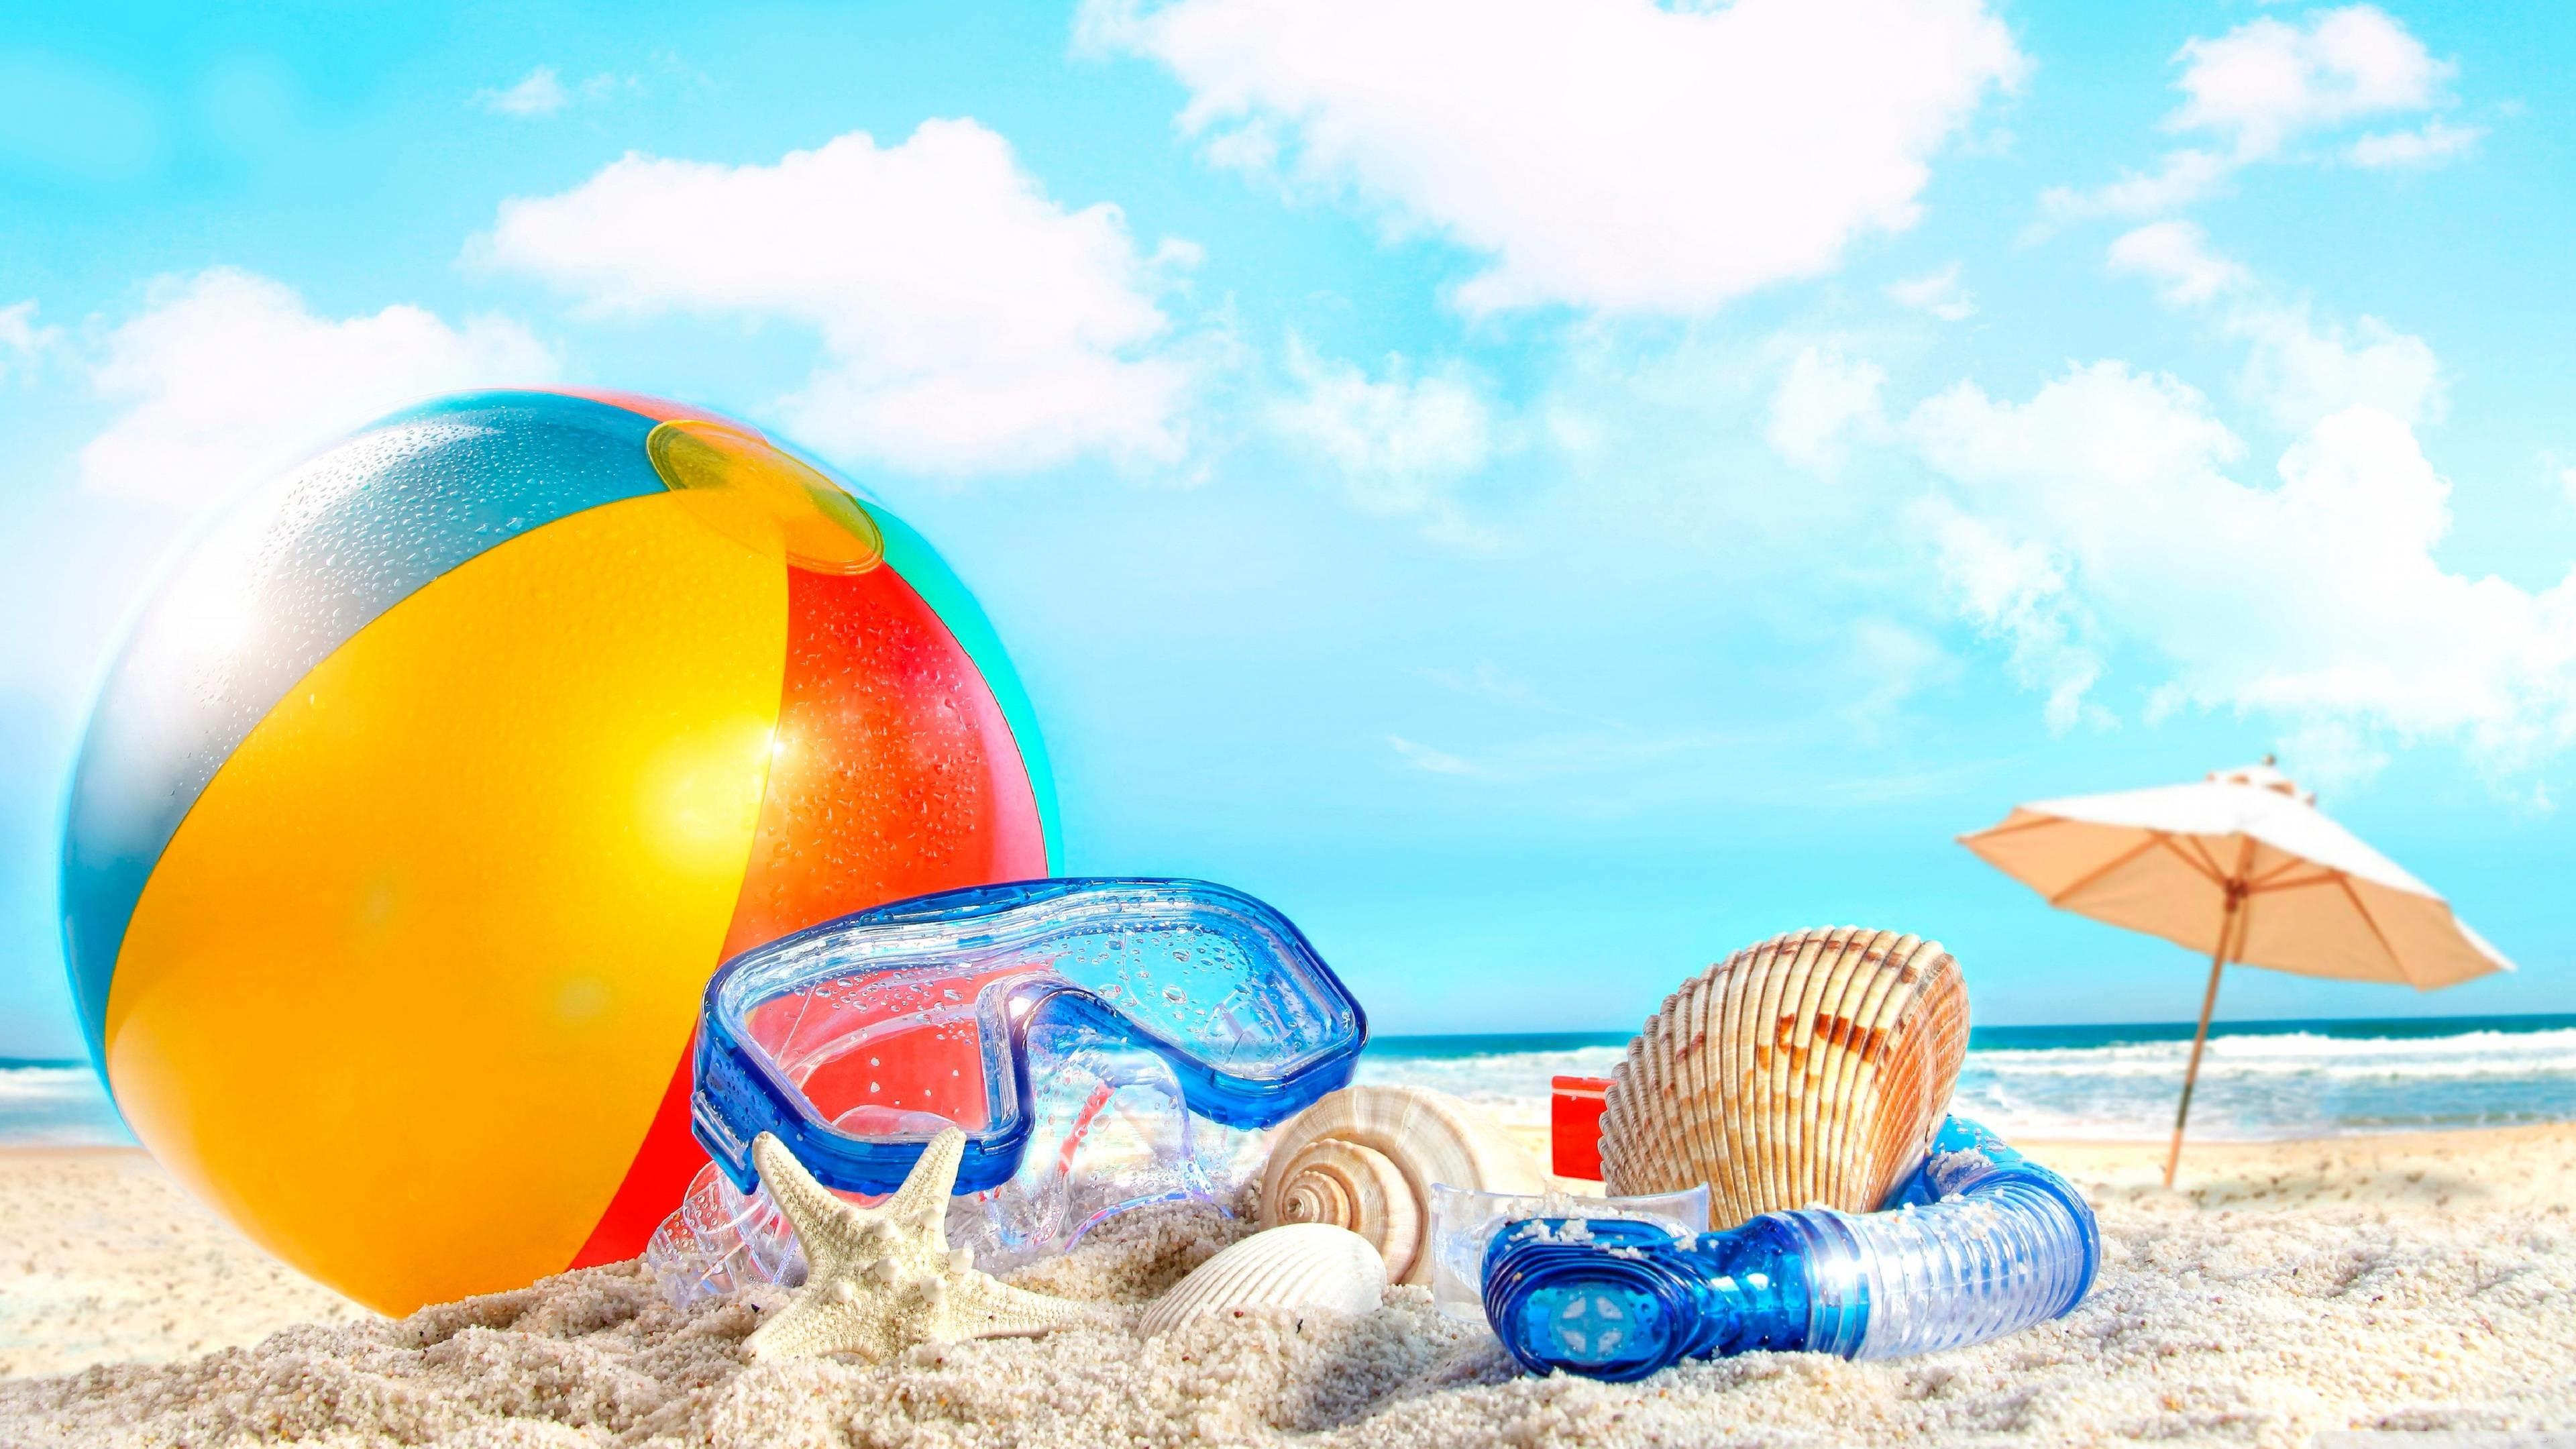 Free Desktop Backgrounds For Summer – Free Download Wallpaper .